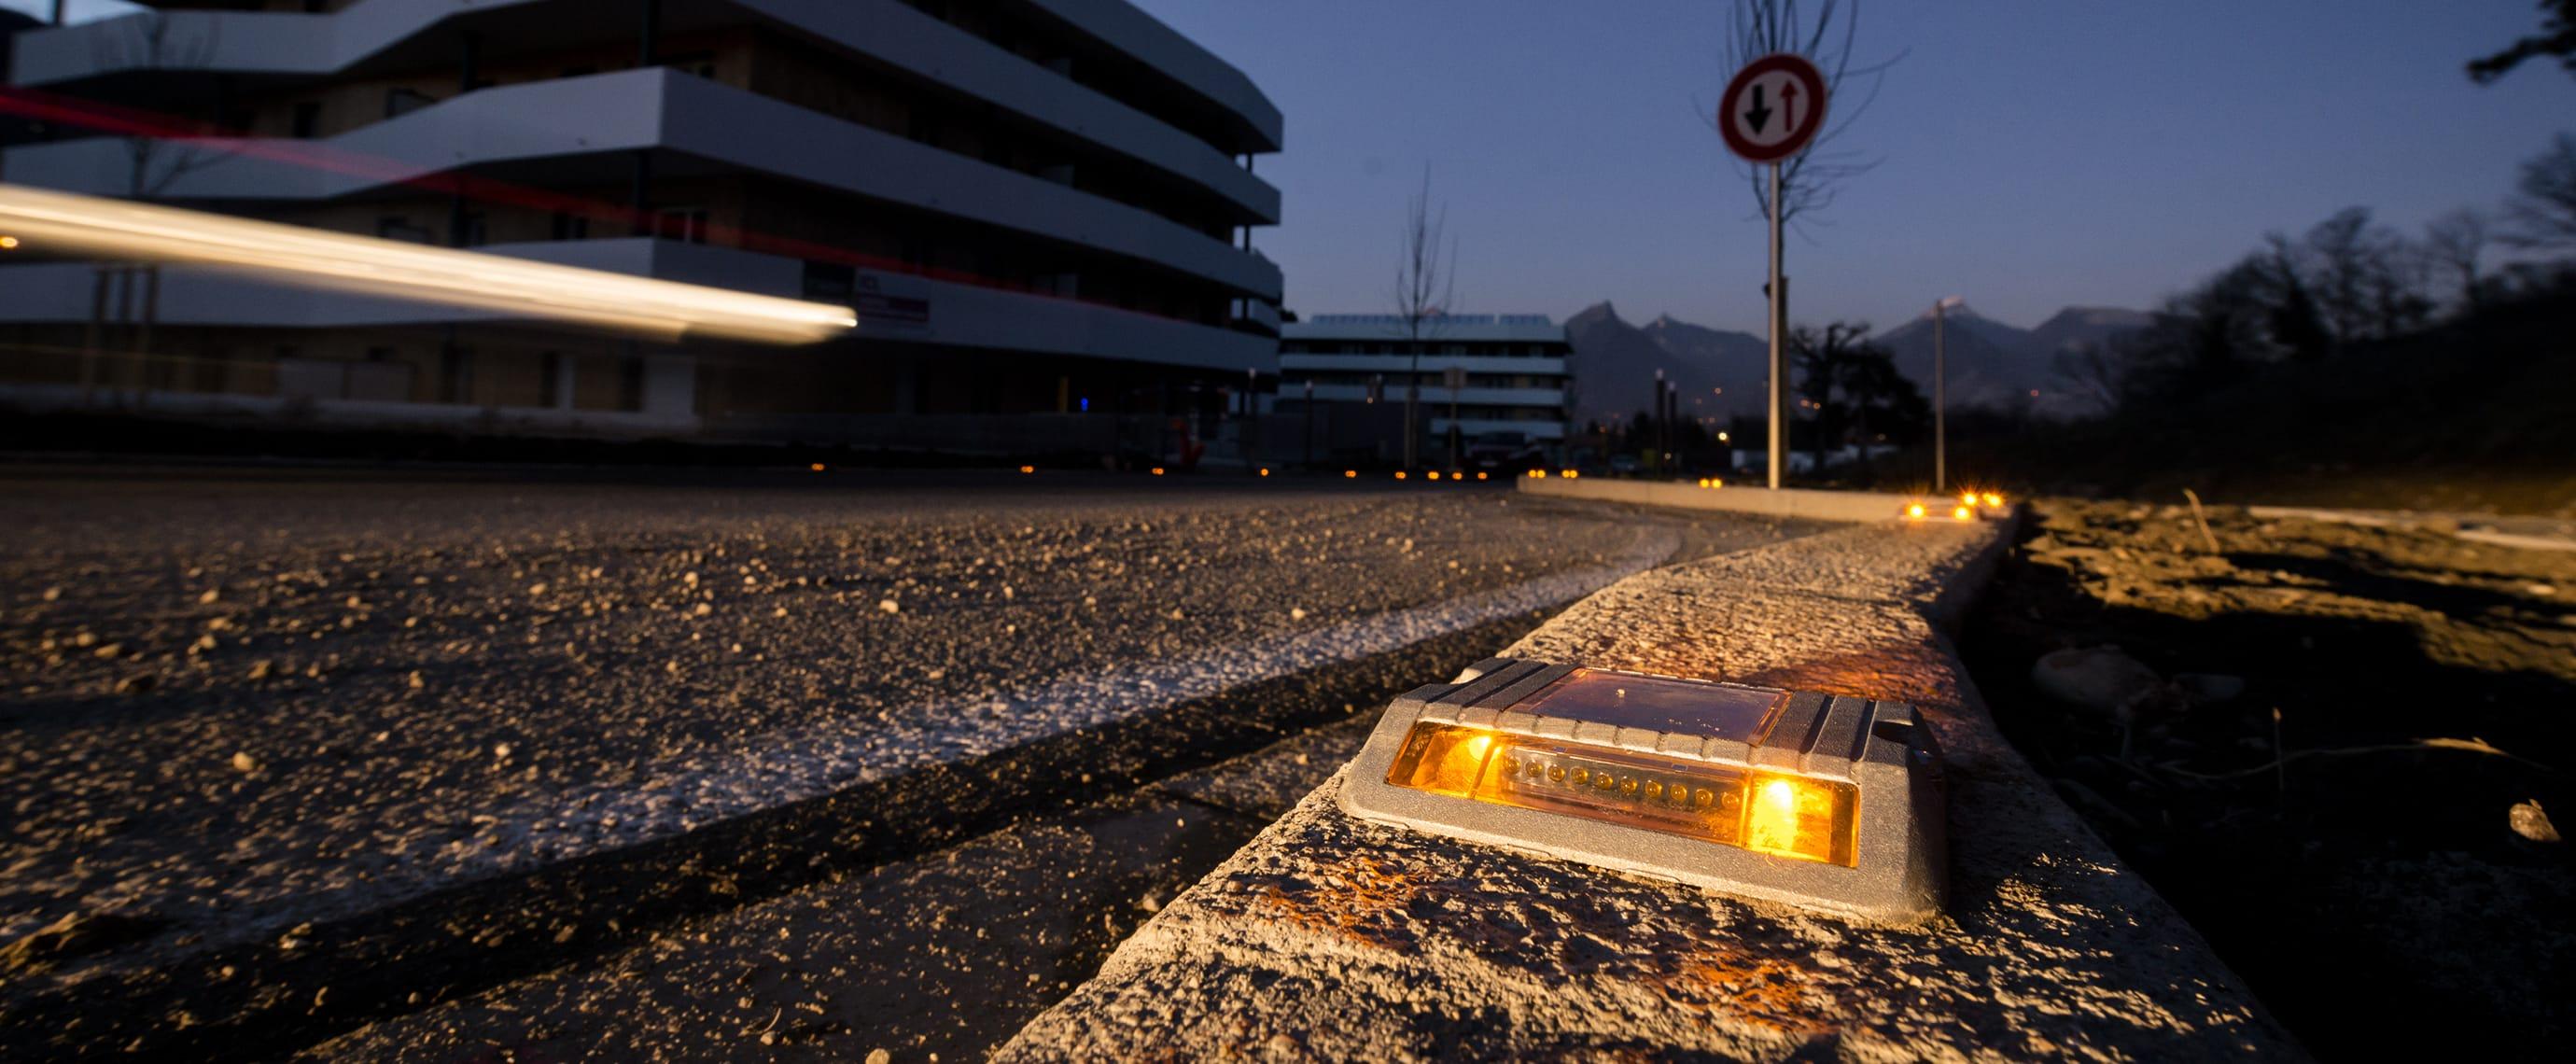 Balisage de sécurité LED sur rétrécissement de chaussée